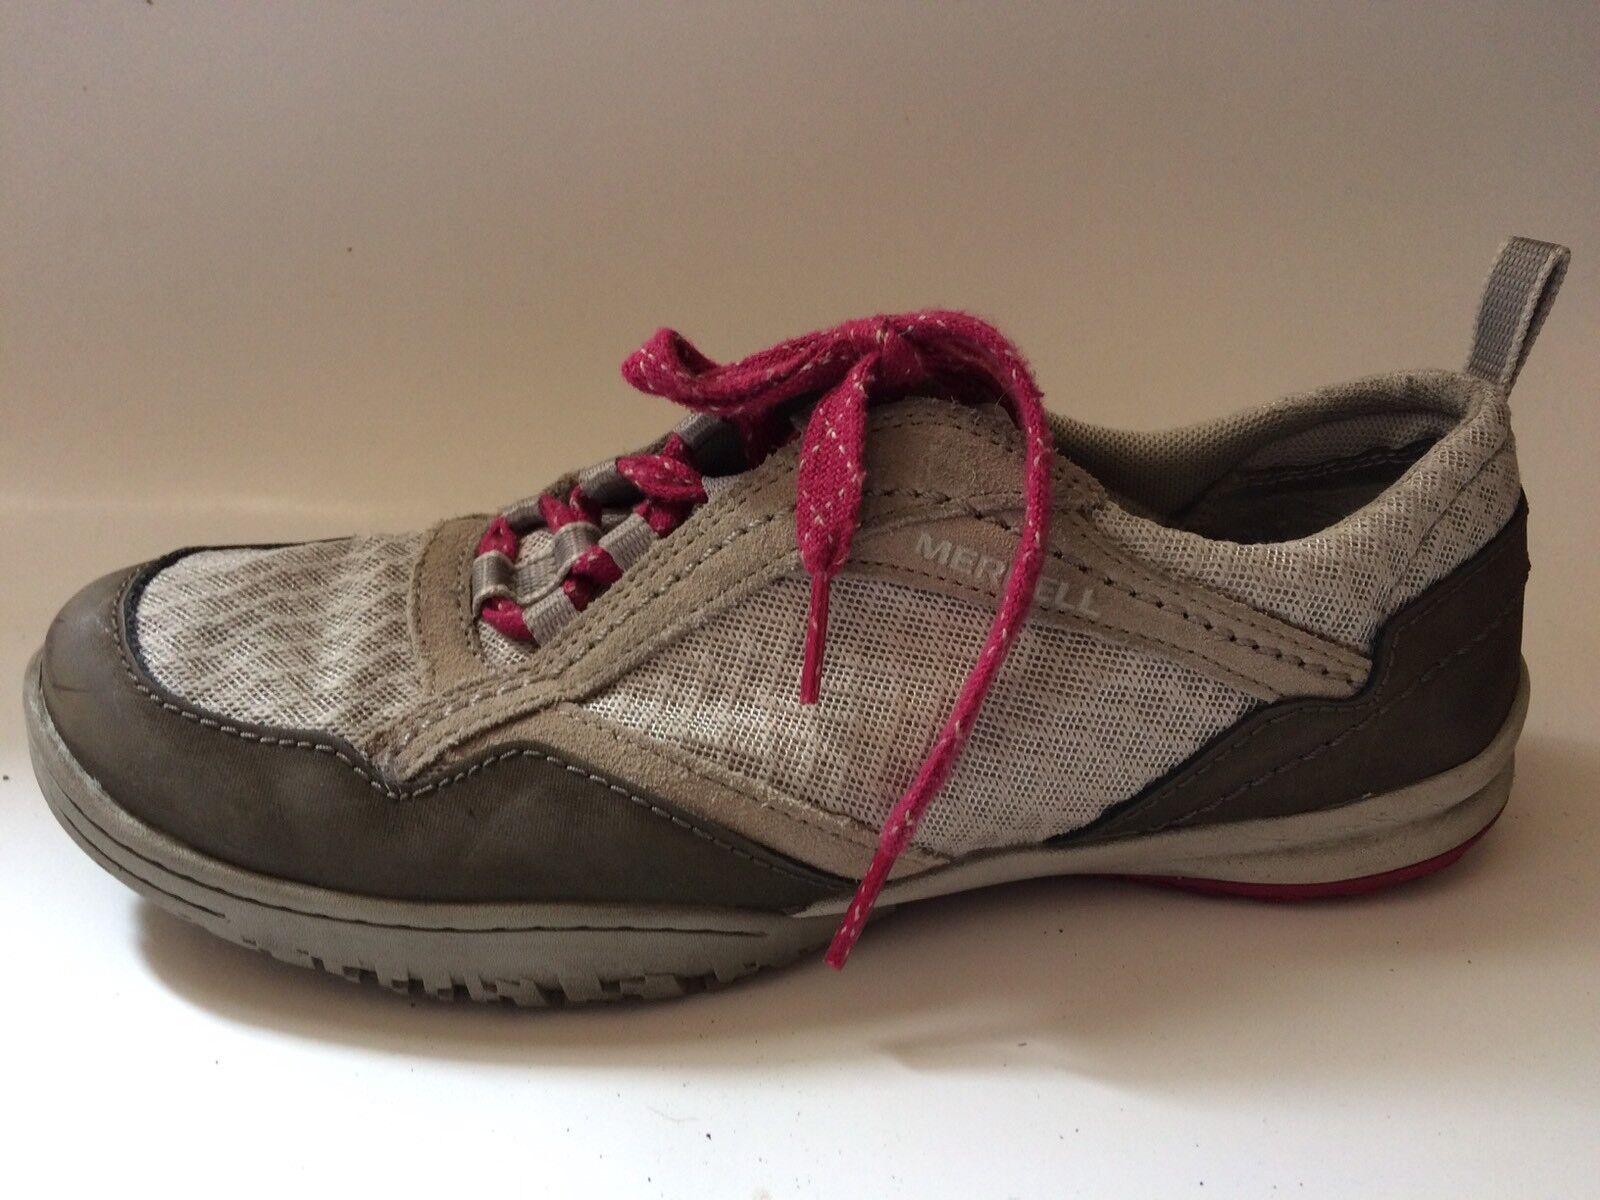 Merrell Albany Rift Lace Corrander Trail Shoe Sneaker Beige Womens 7.5 M Leather Beige Sneaker e4356a